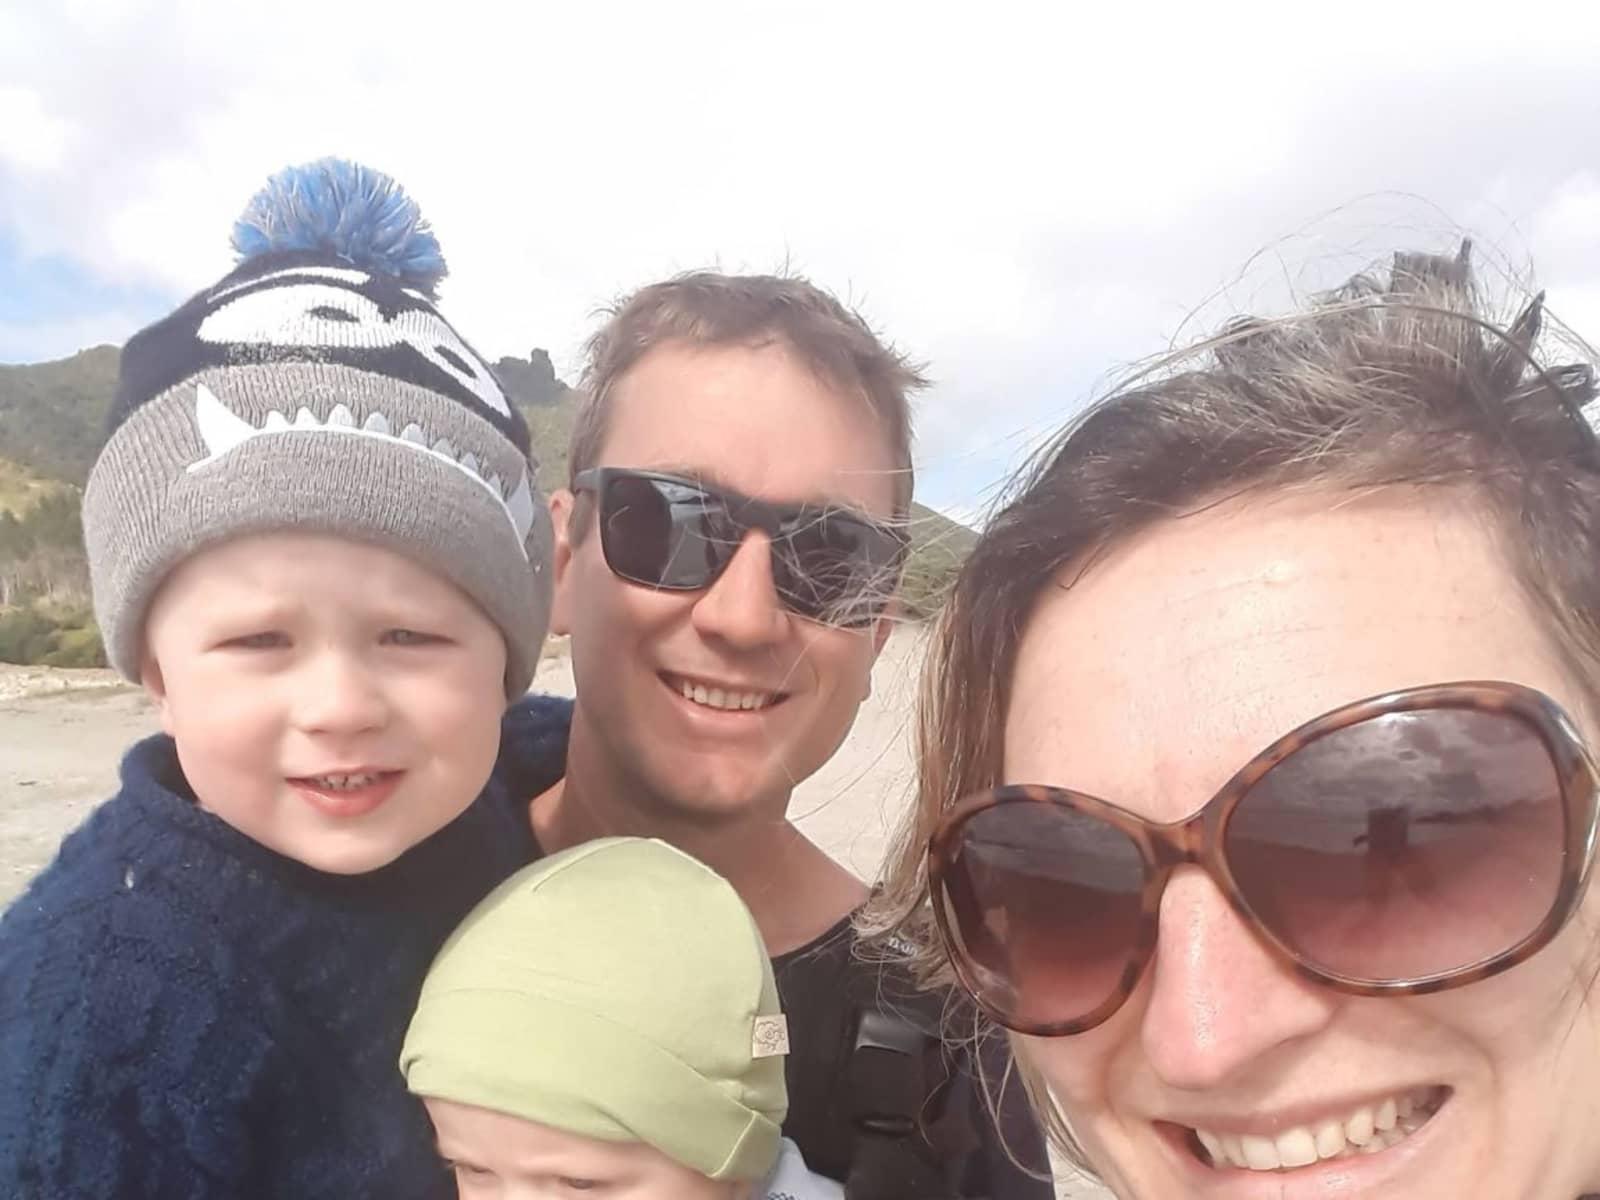 Grant & carolyn & Carolyn from Tutukaka, New Zealand